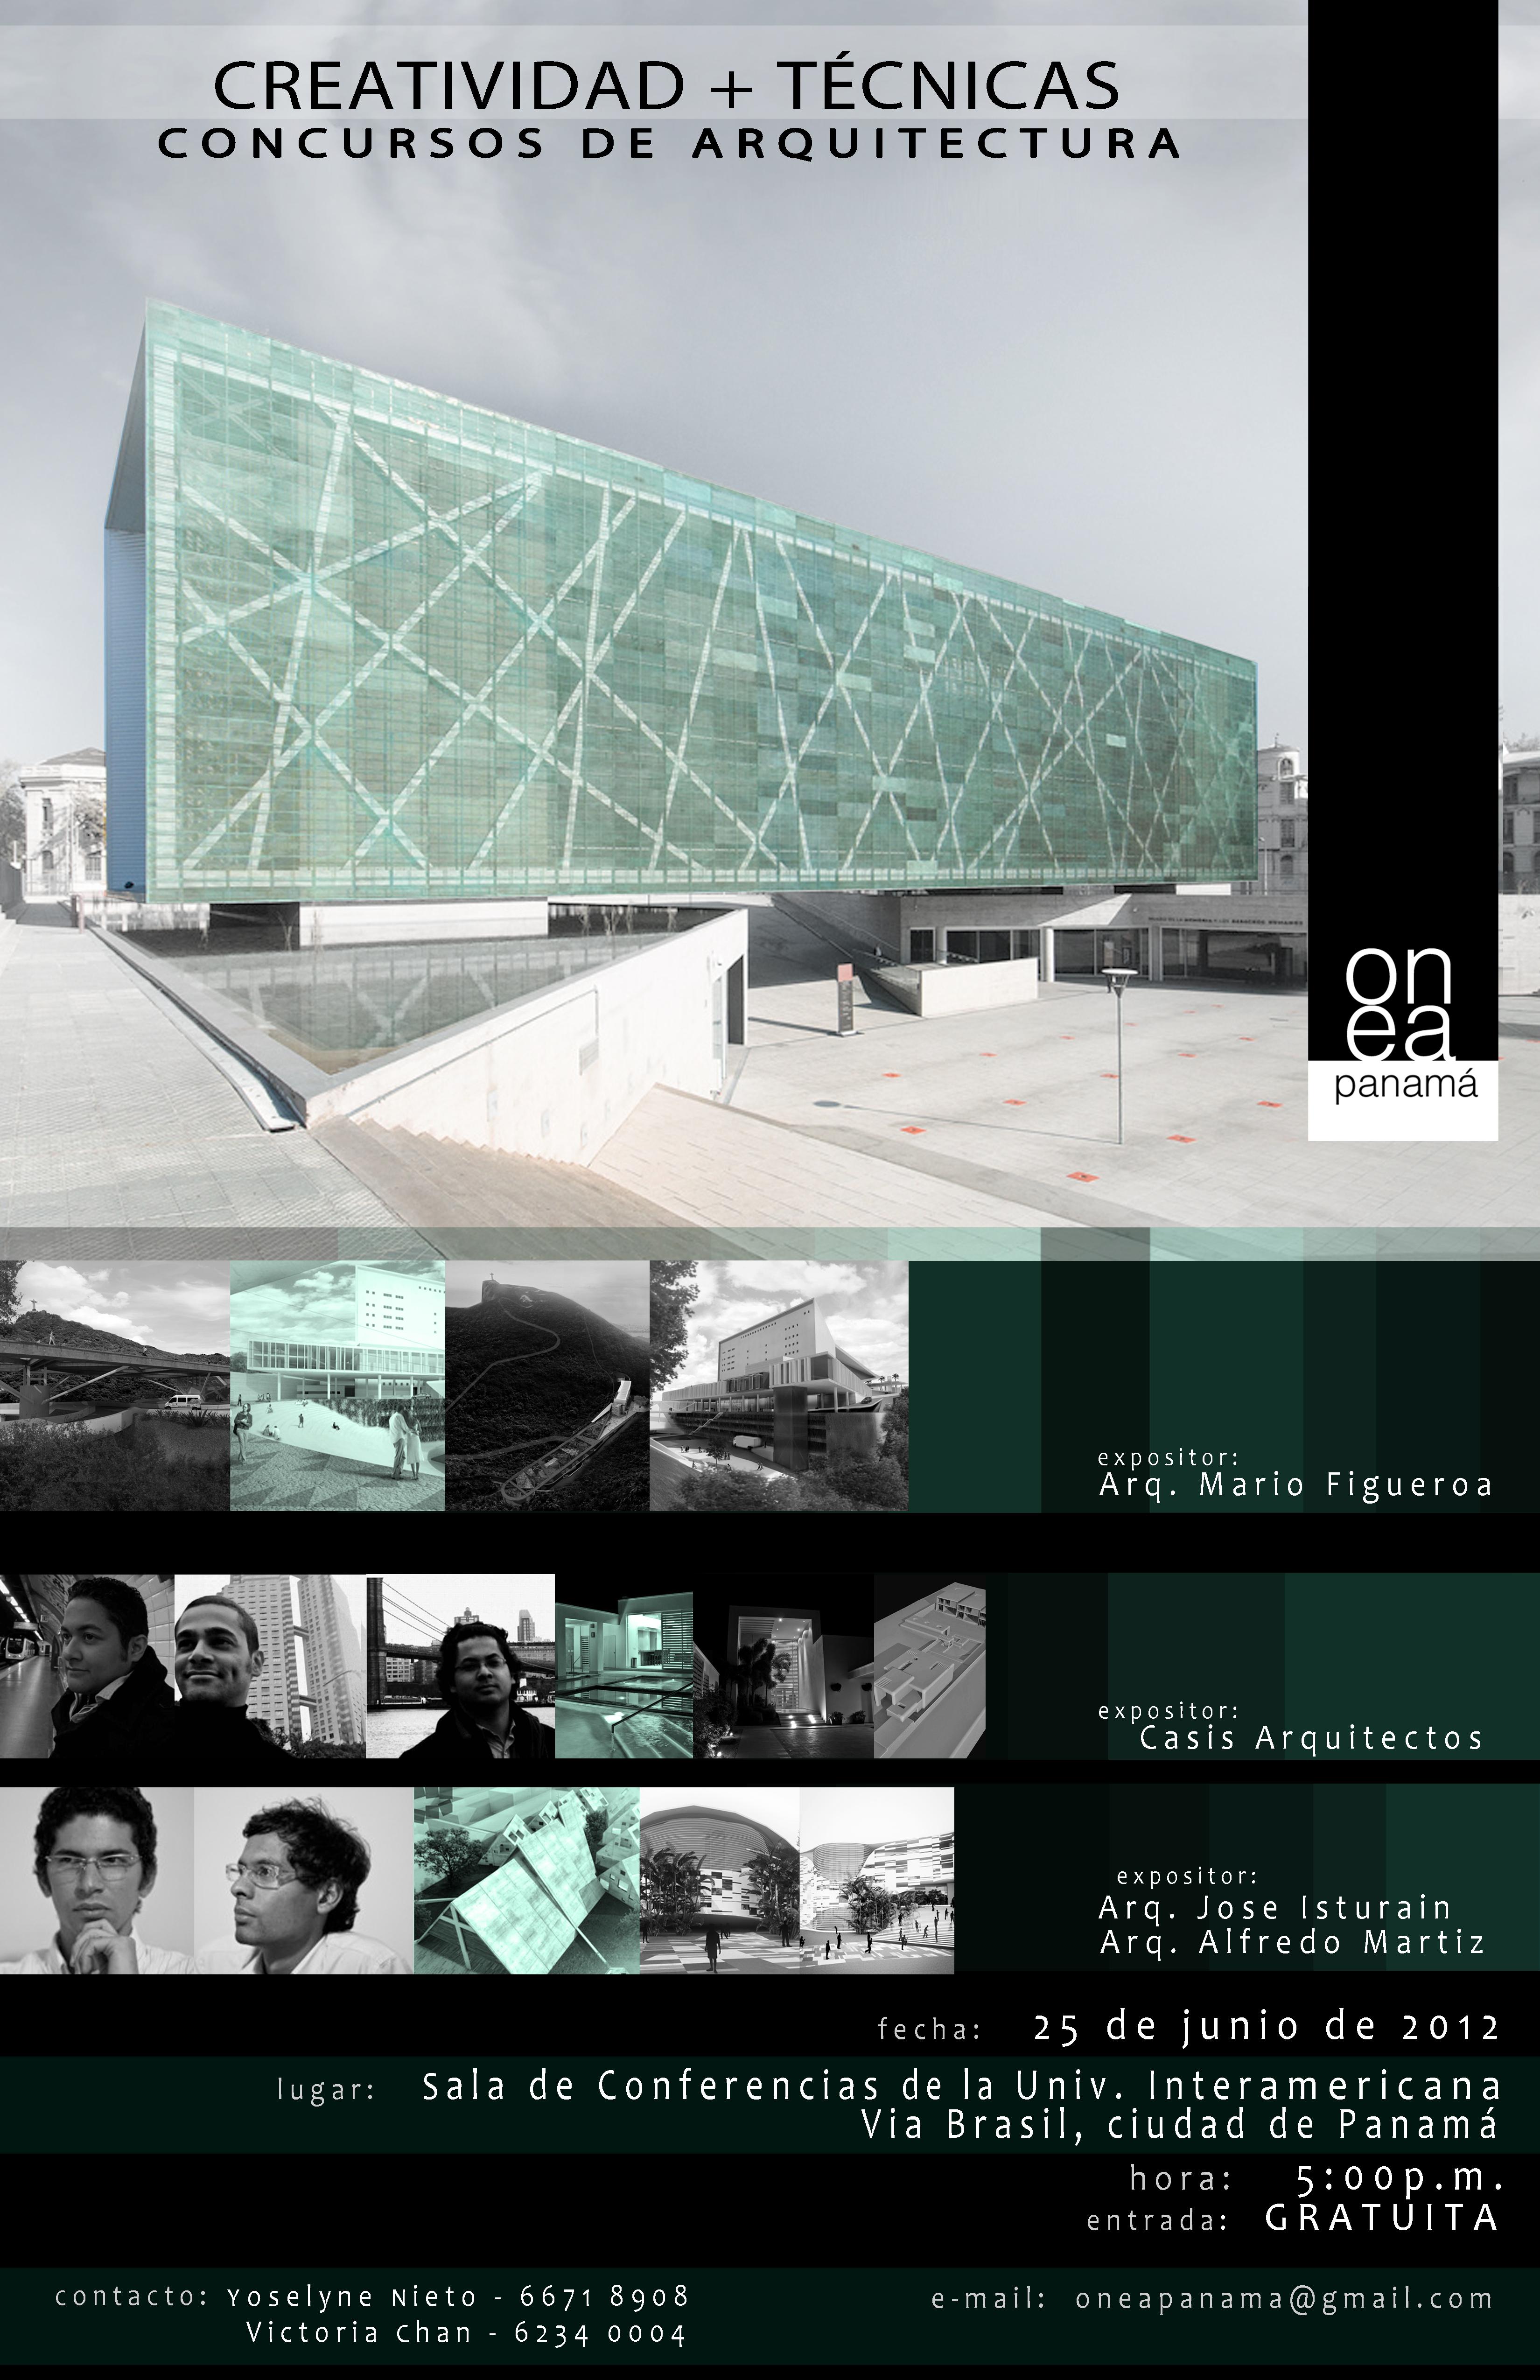 Conferência ONEA: Criativade +Técnicas - Concursos de Arquitetura / Panamá, Divulgação